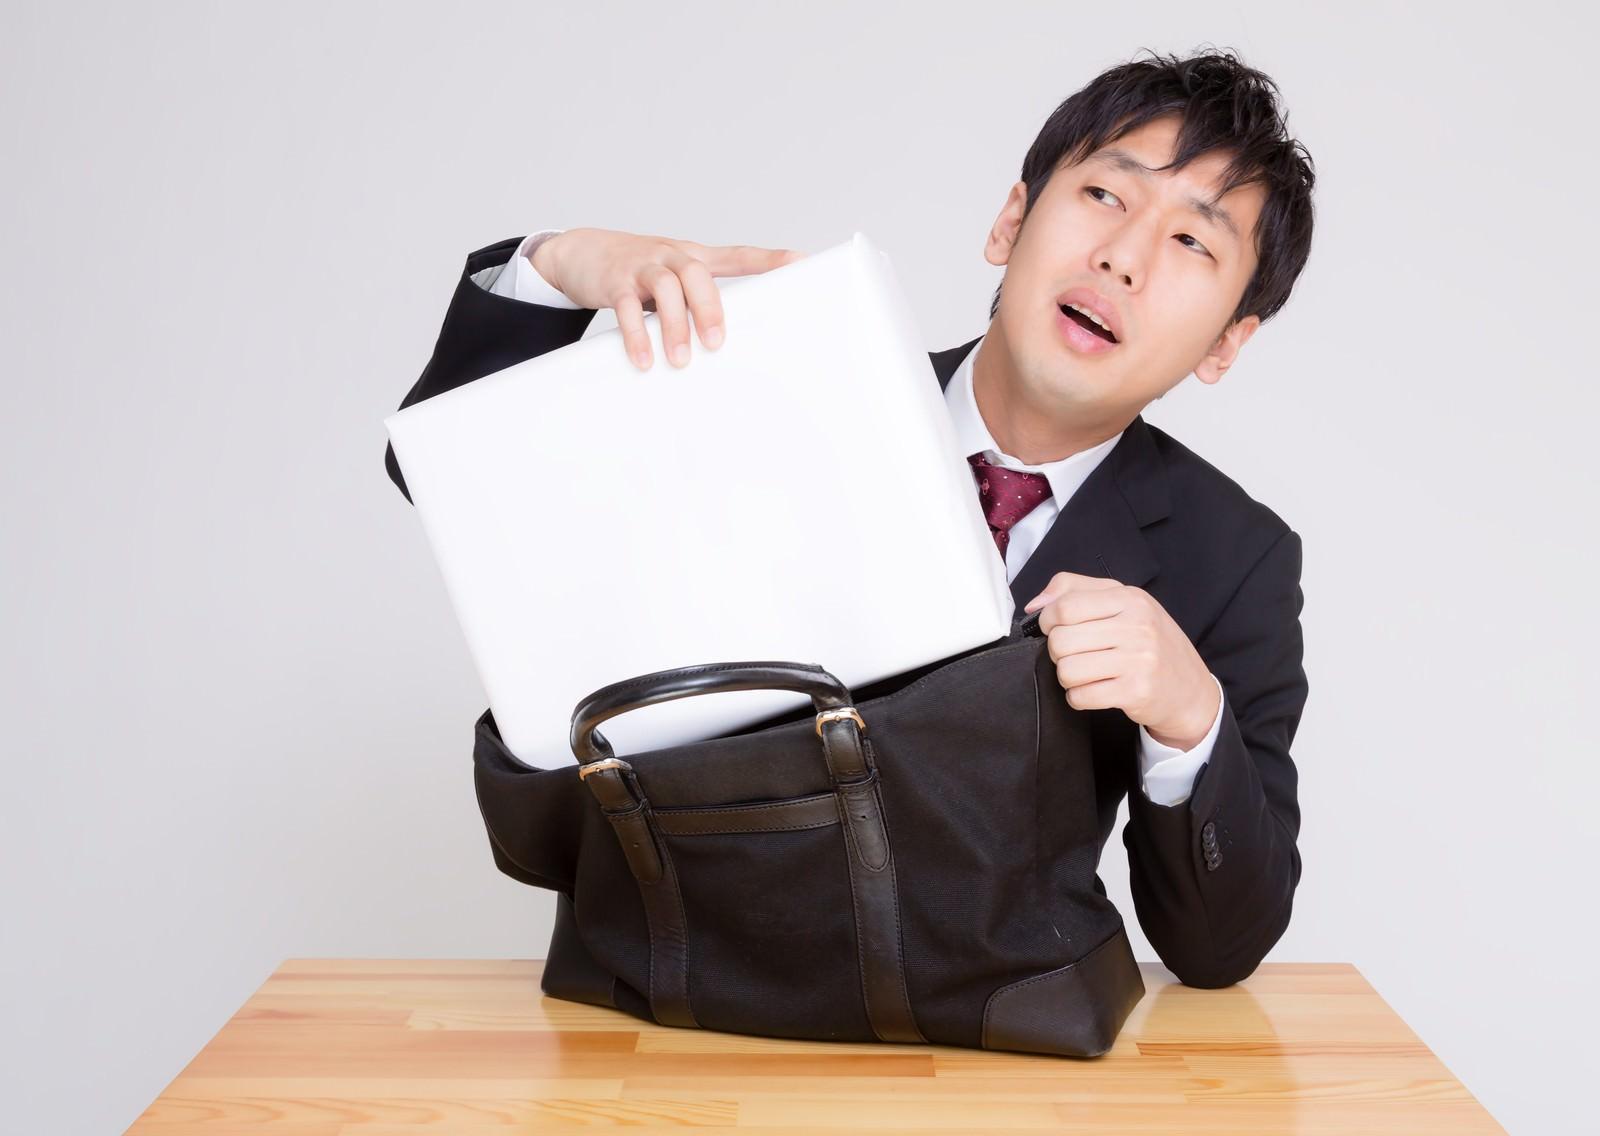 「札束に見立てた箱がかばんに入らない男性札束に見立てた箱がかばんに入らない男性」[モデル:大川竜弥]のフリー写真素材を拡大